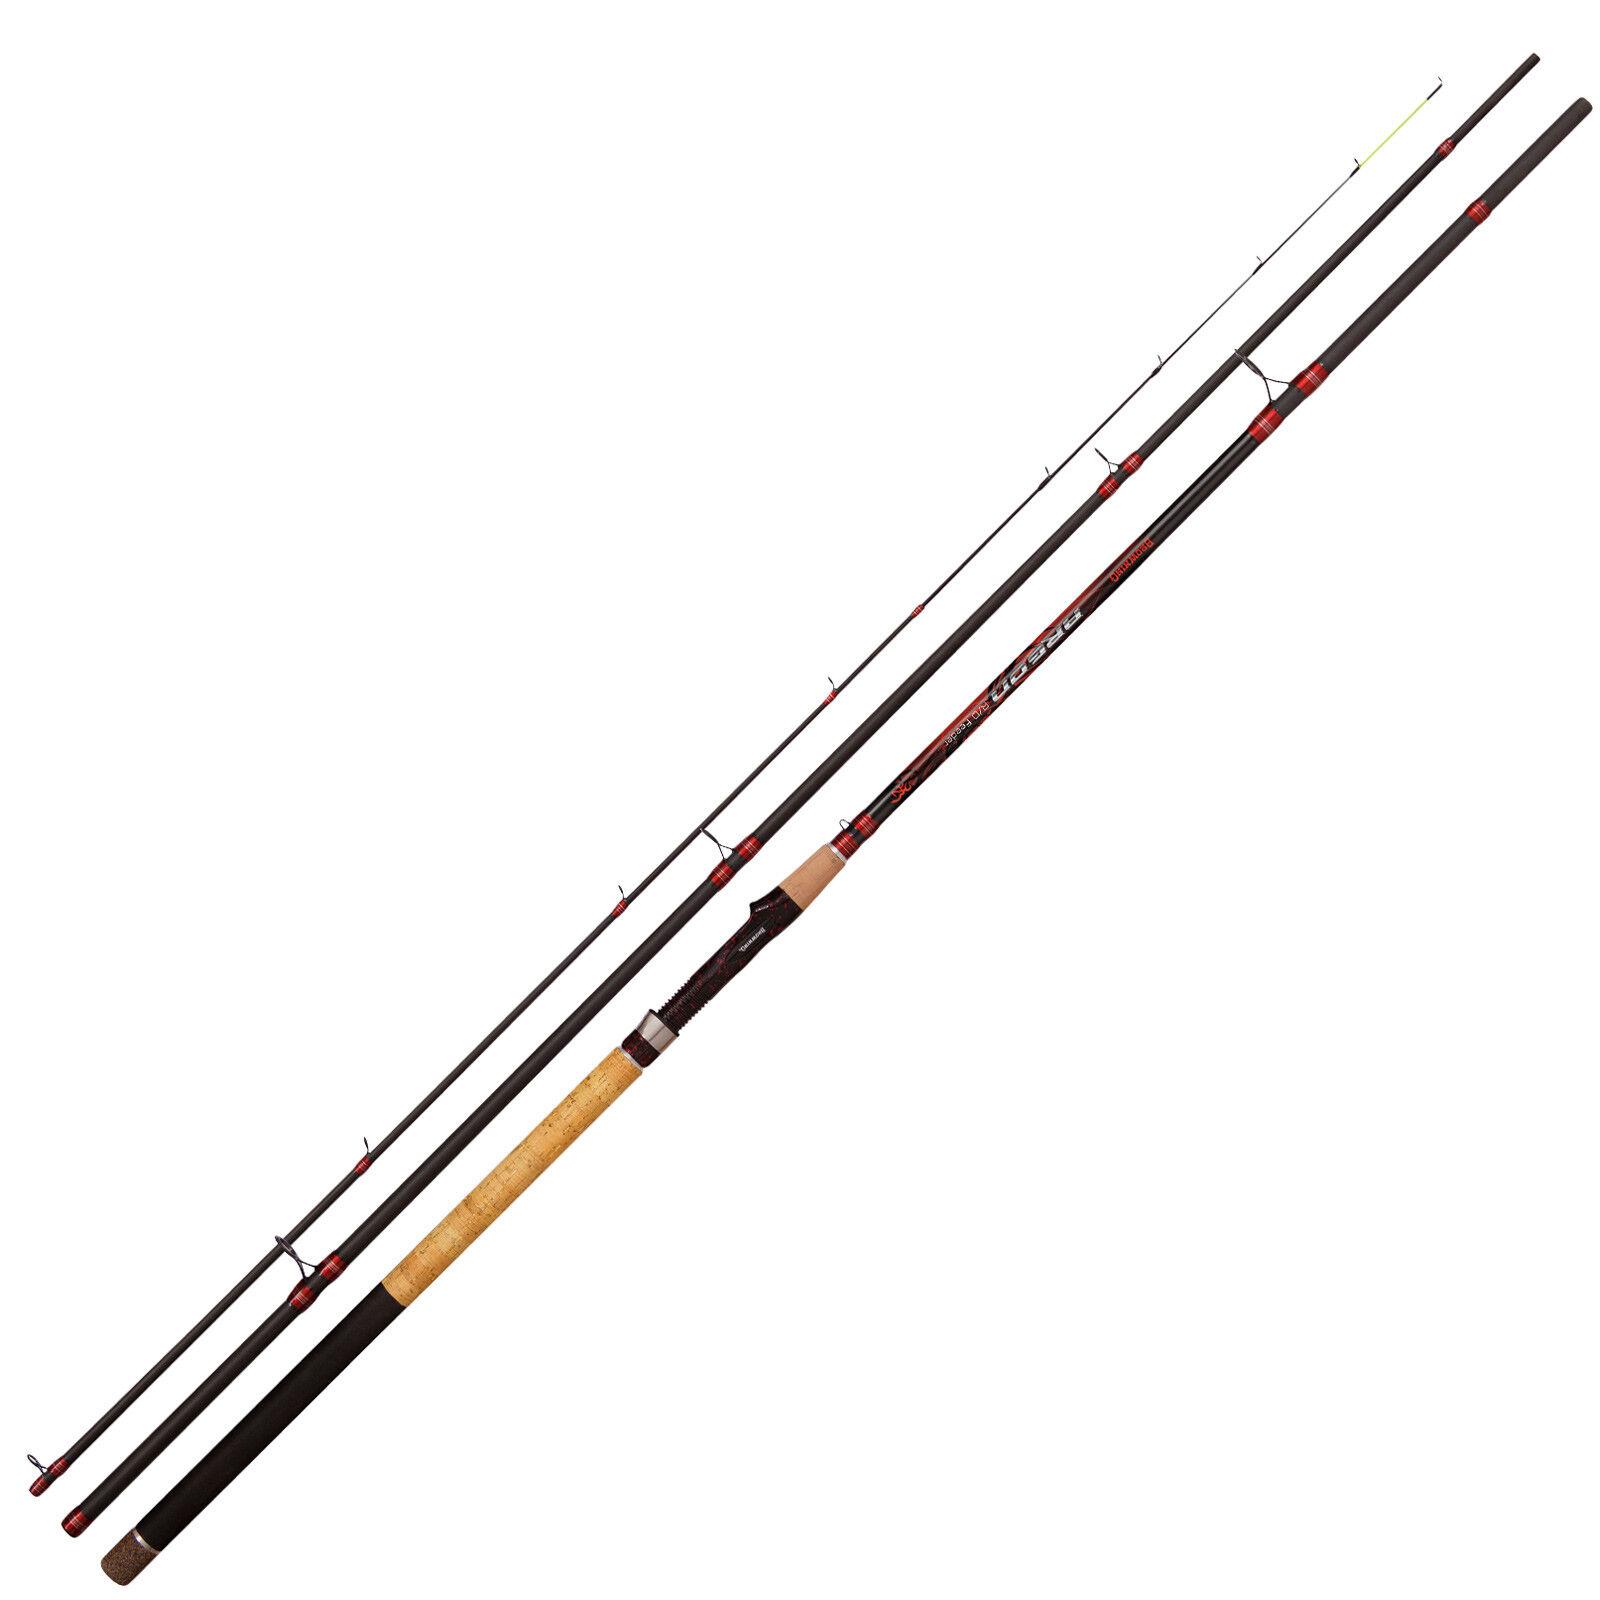 marróning caña de pesCoche retorcidas feederrute-argón Feeder R D 12ft 3,60m 40-120g